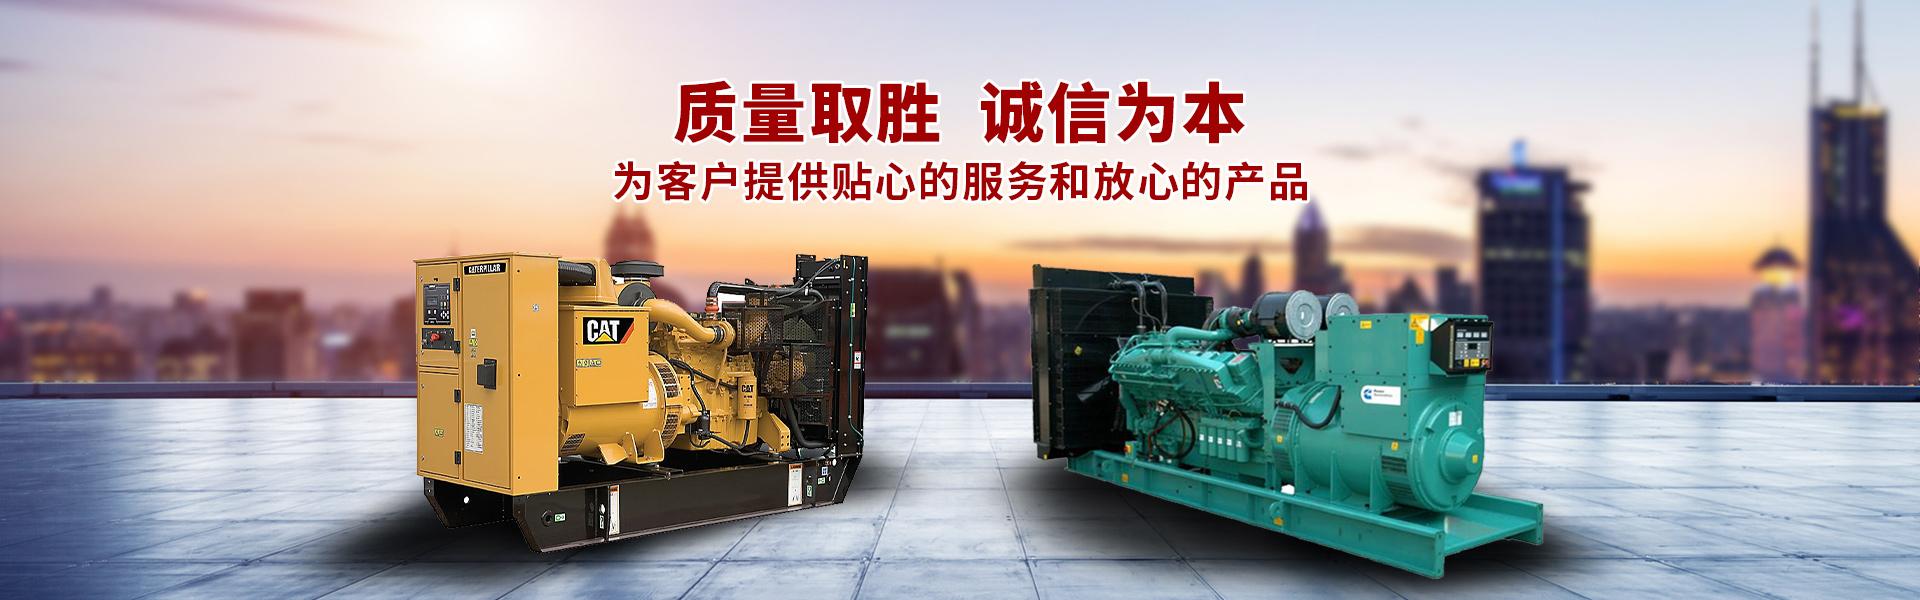 湖北发电机租赁banner图